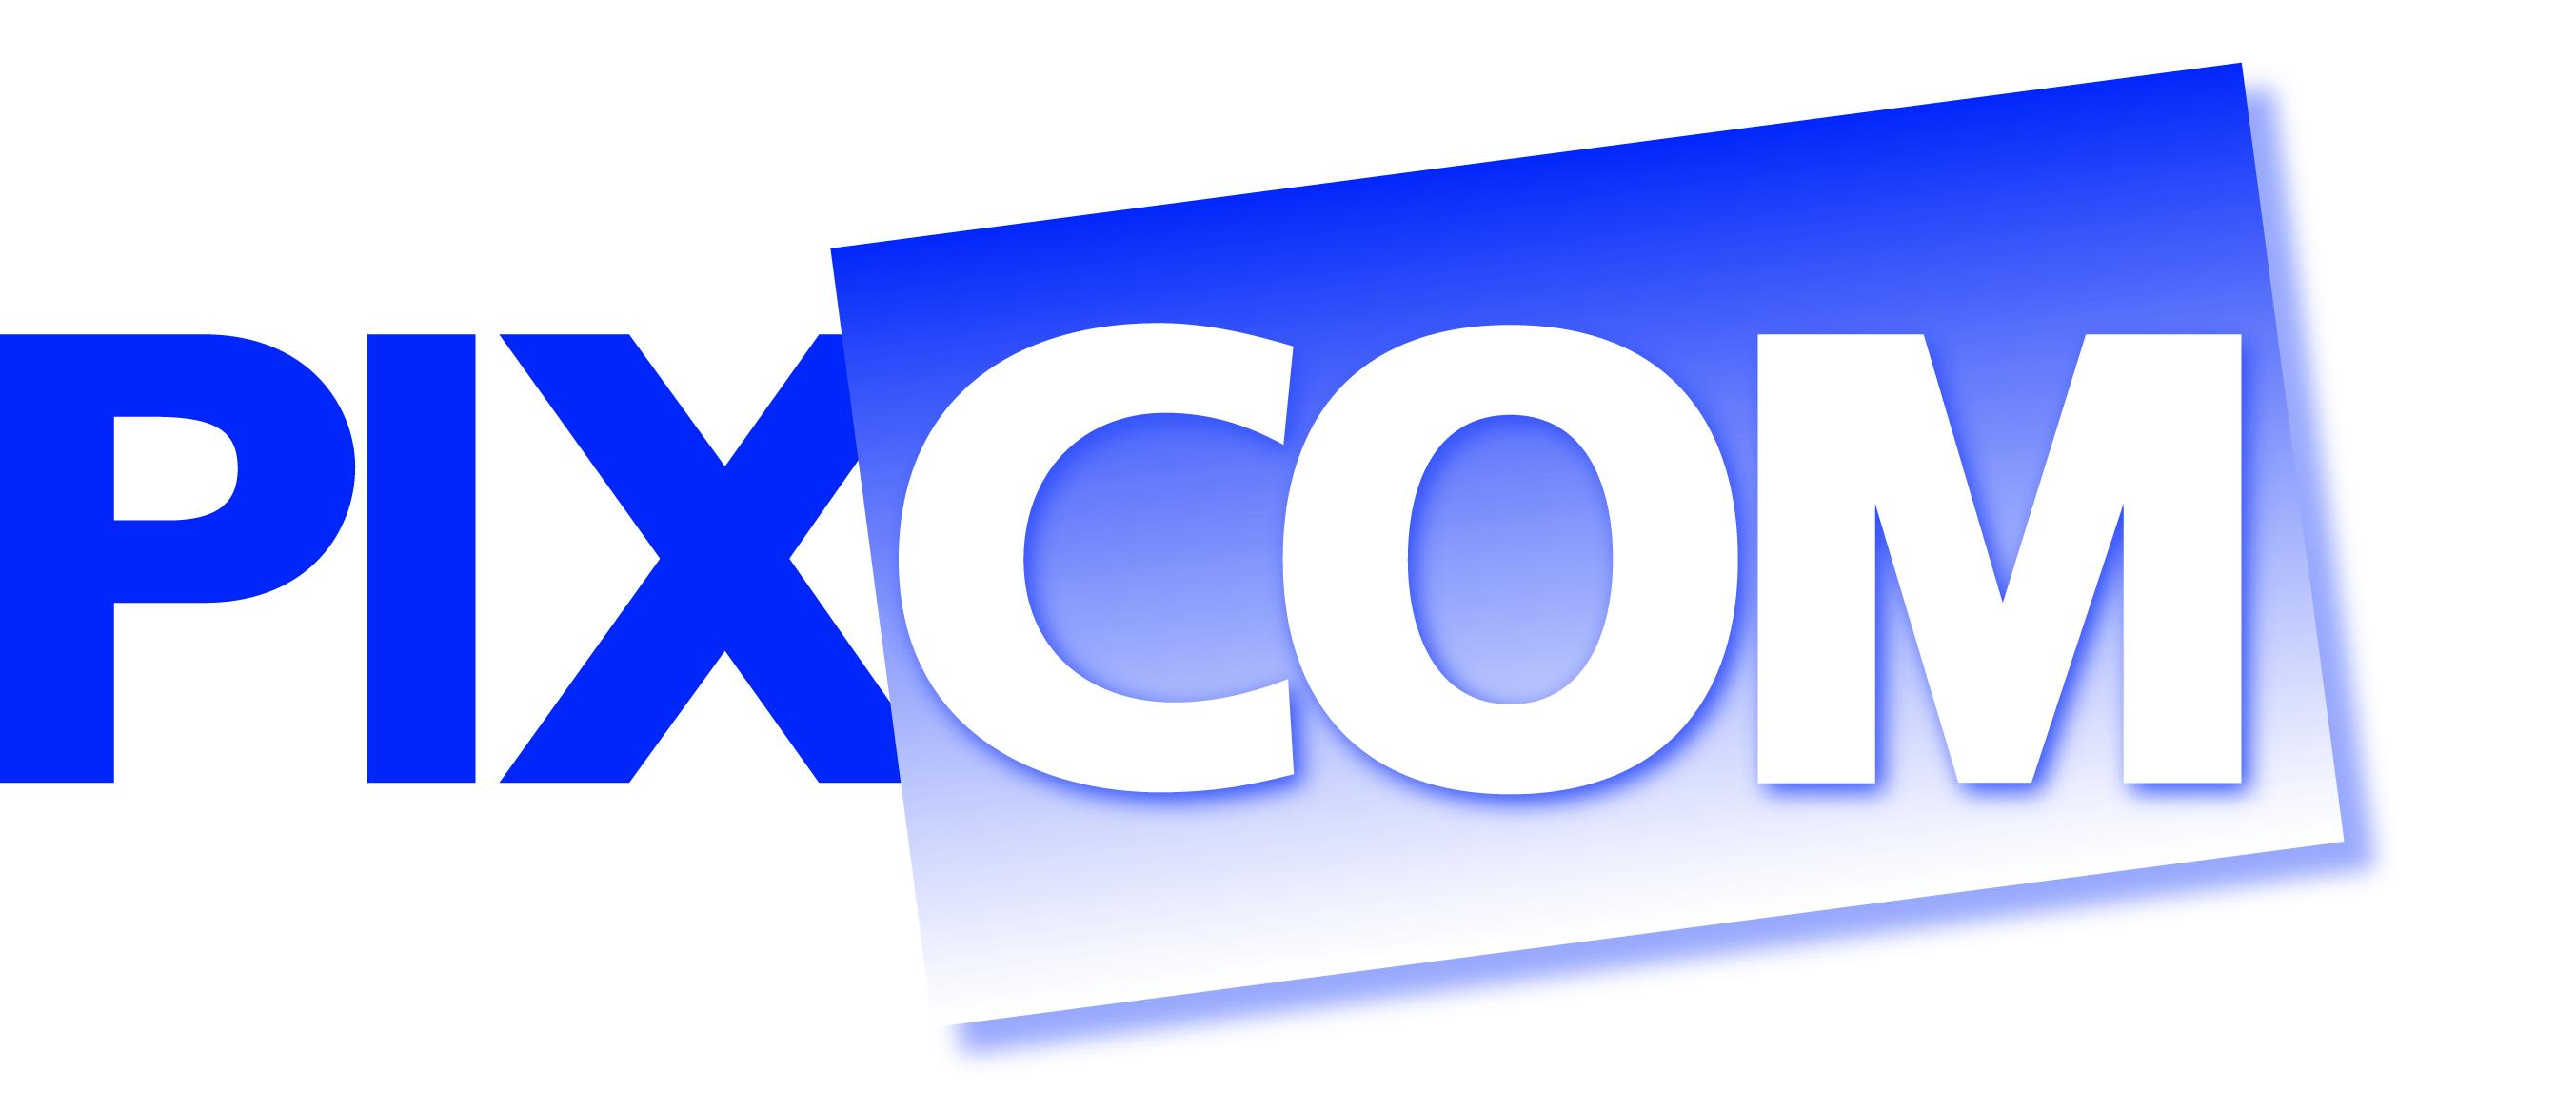 Pixcom_logo.jpg